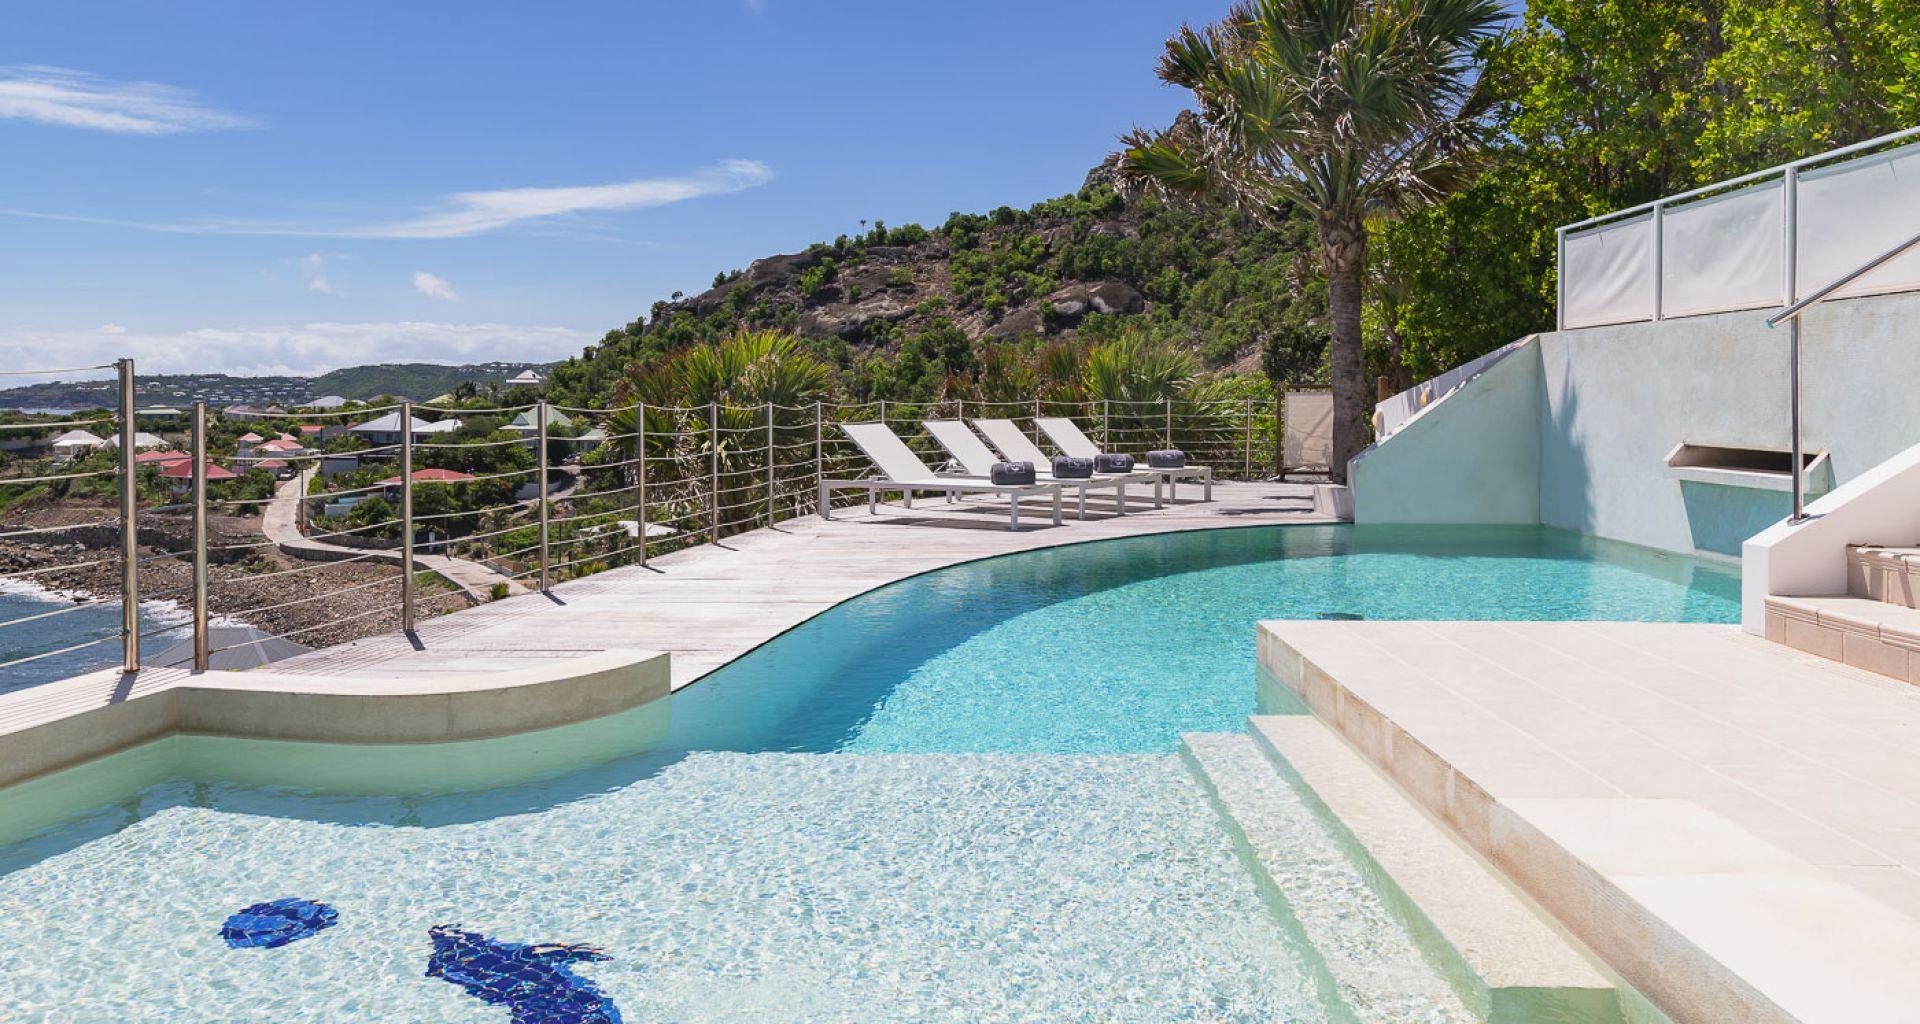 Villa Lo Scoglio - villa rental St Barth with Jacuzzi - swimming pool